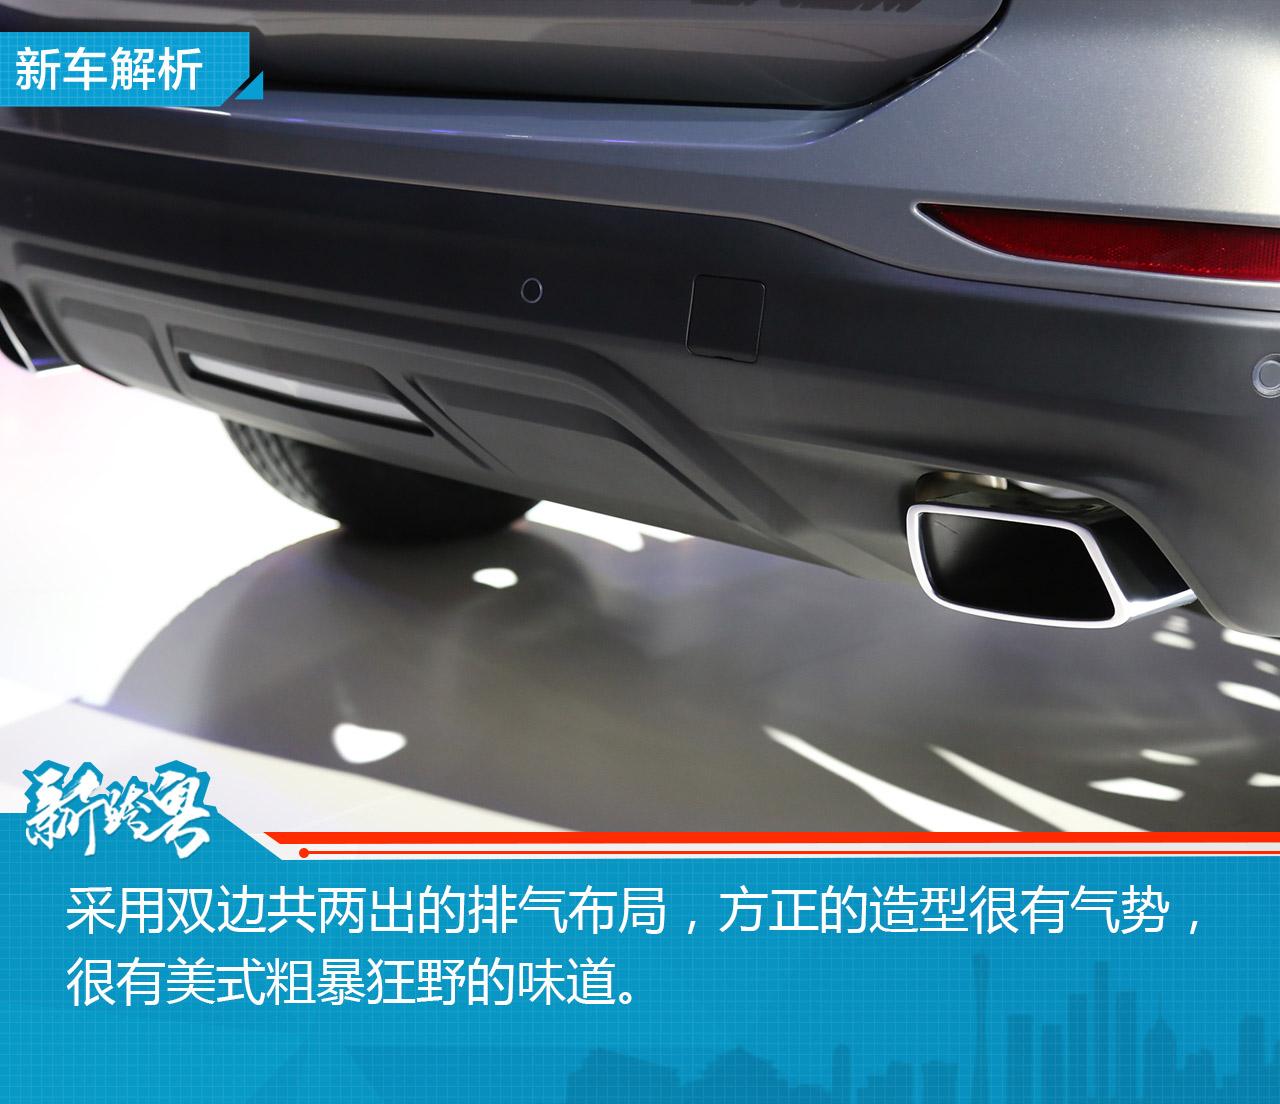 广州车展雪佛兰探界者解析